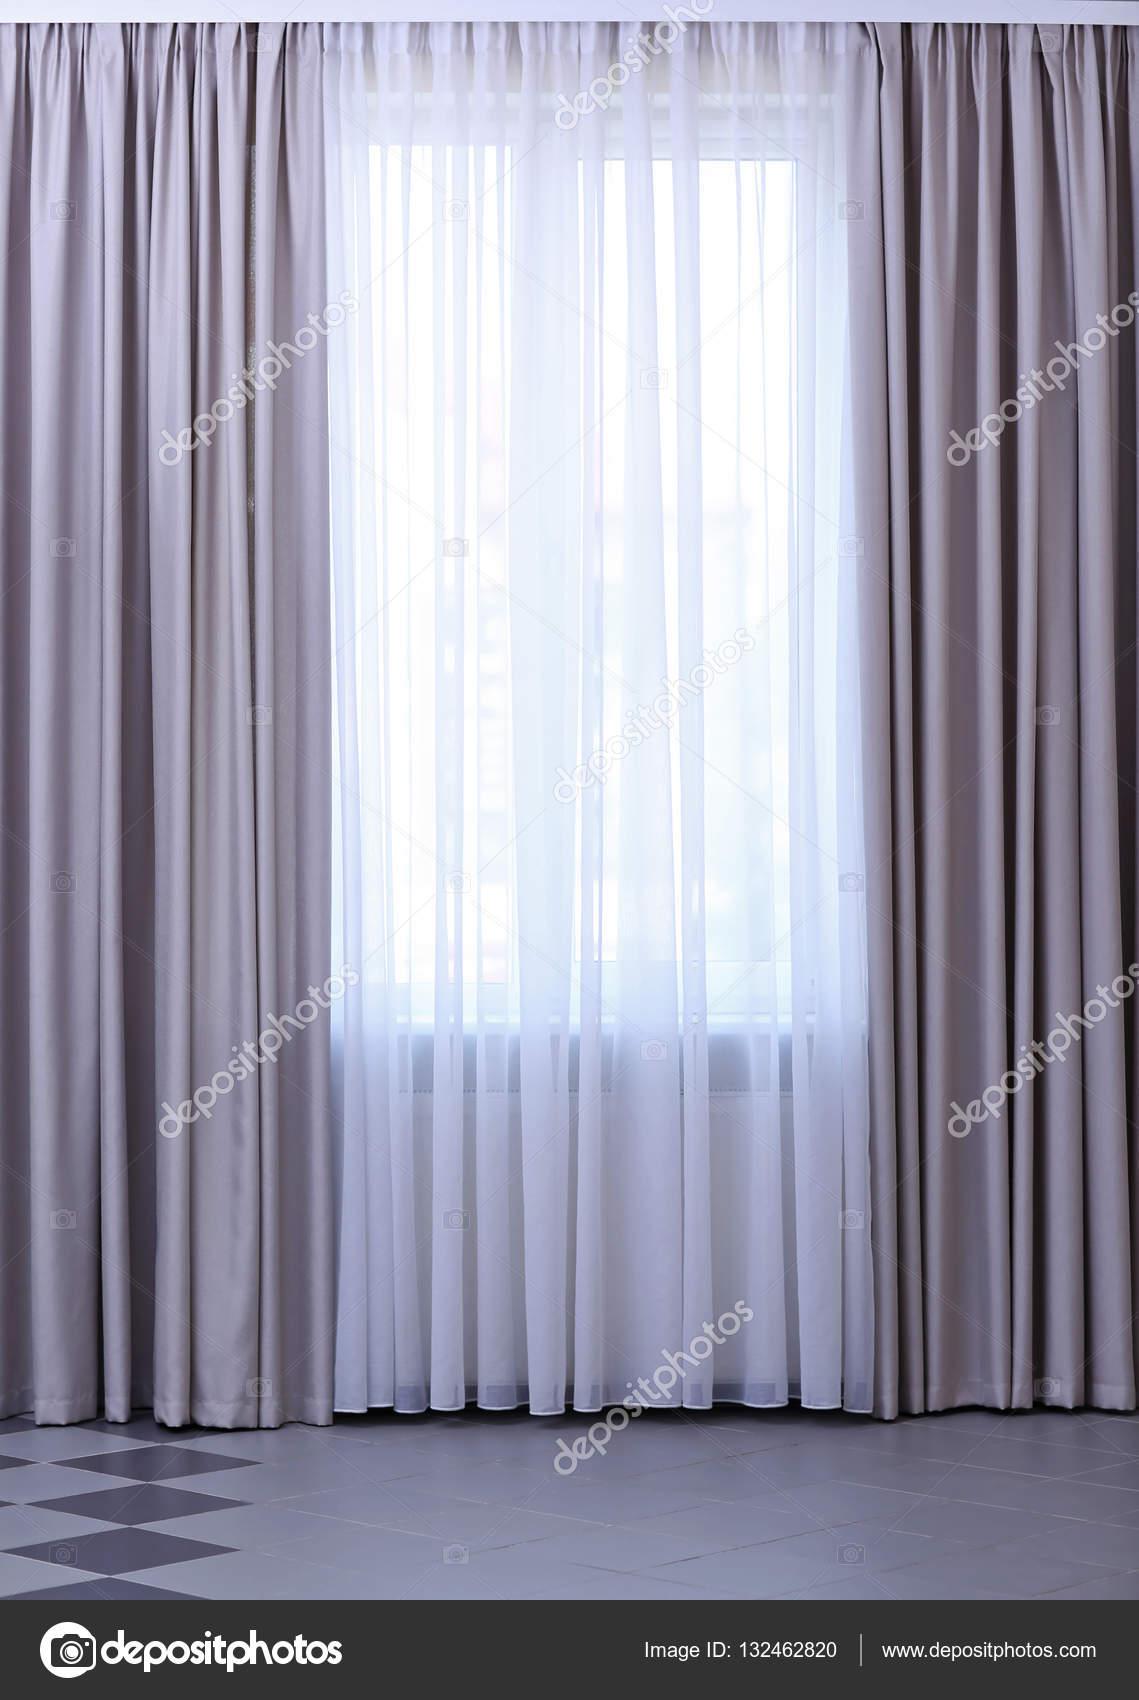 kamer raam met gordijnen — Stockfoto © belchonock #132462820